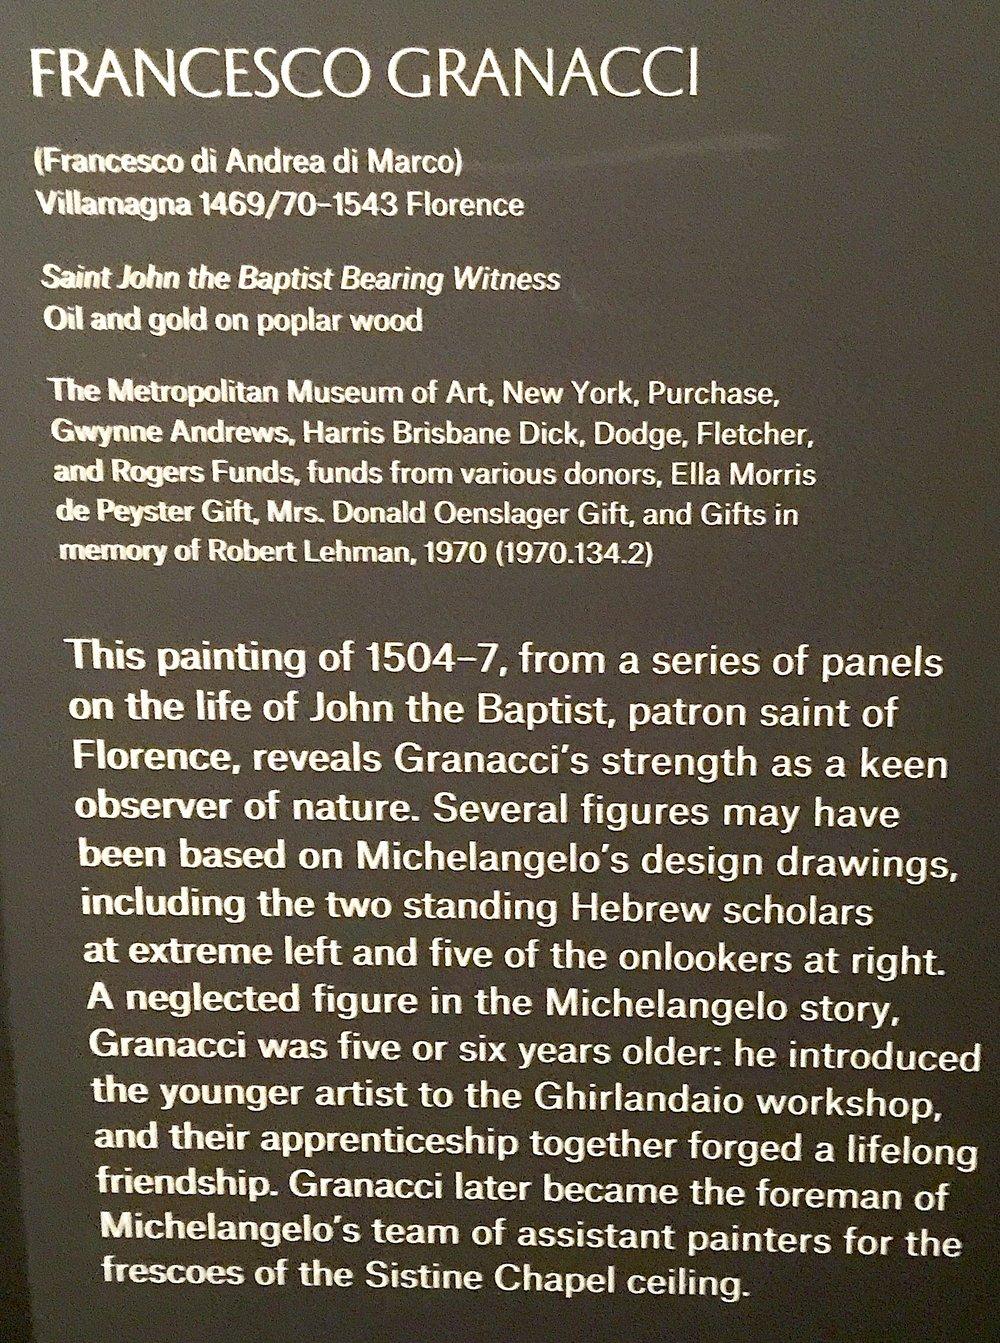 格拉納齊(Francesco Granacci)油畫《聖施洗約翰的見證》,其中幾個人物可能是根據米開郞基羅的設計稿繪製。格拉納齊比米開郞基羅年長5-6歲,且把後者介紹到 多米尼哥·基蘭達奧 (Domenico Ghirlandaio)畫室,兩位畫家的友誼持續一生,格拉納齊後來成爲米開郞基羅的助手之一,參加了 西斯廷天顶画 的繪製。